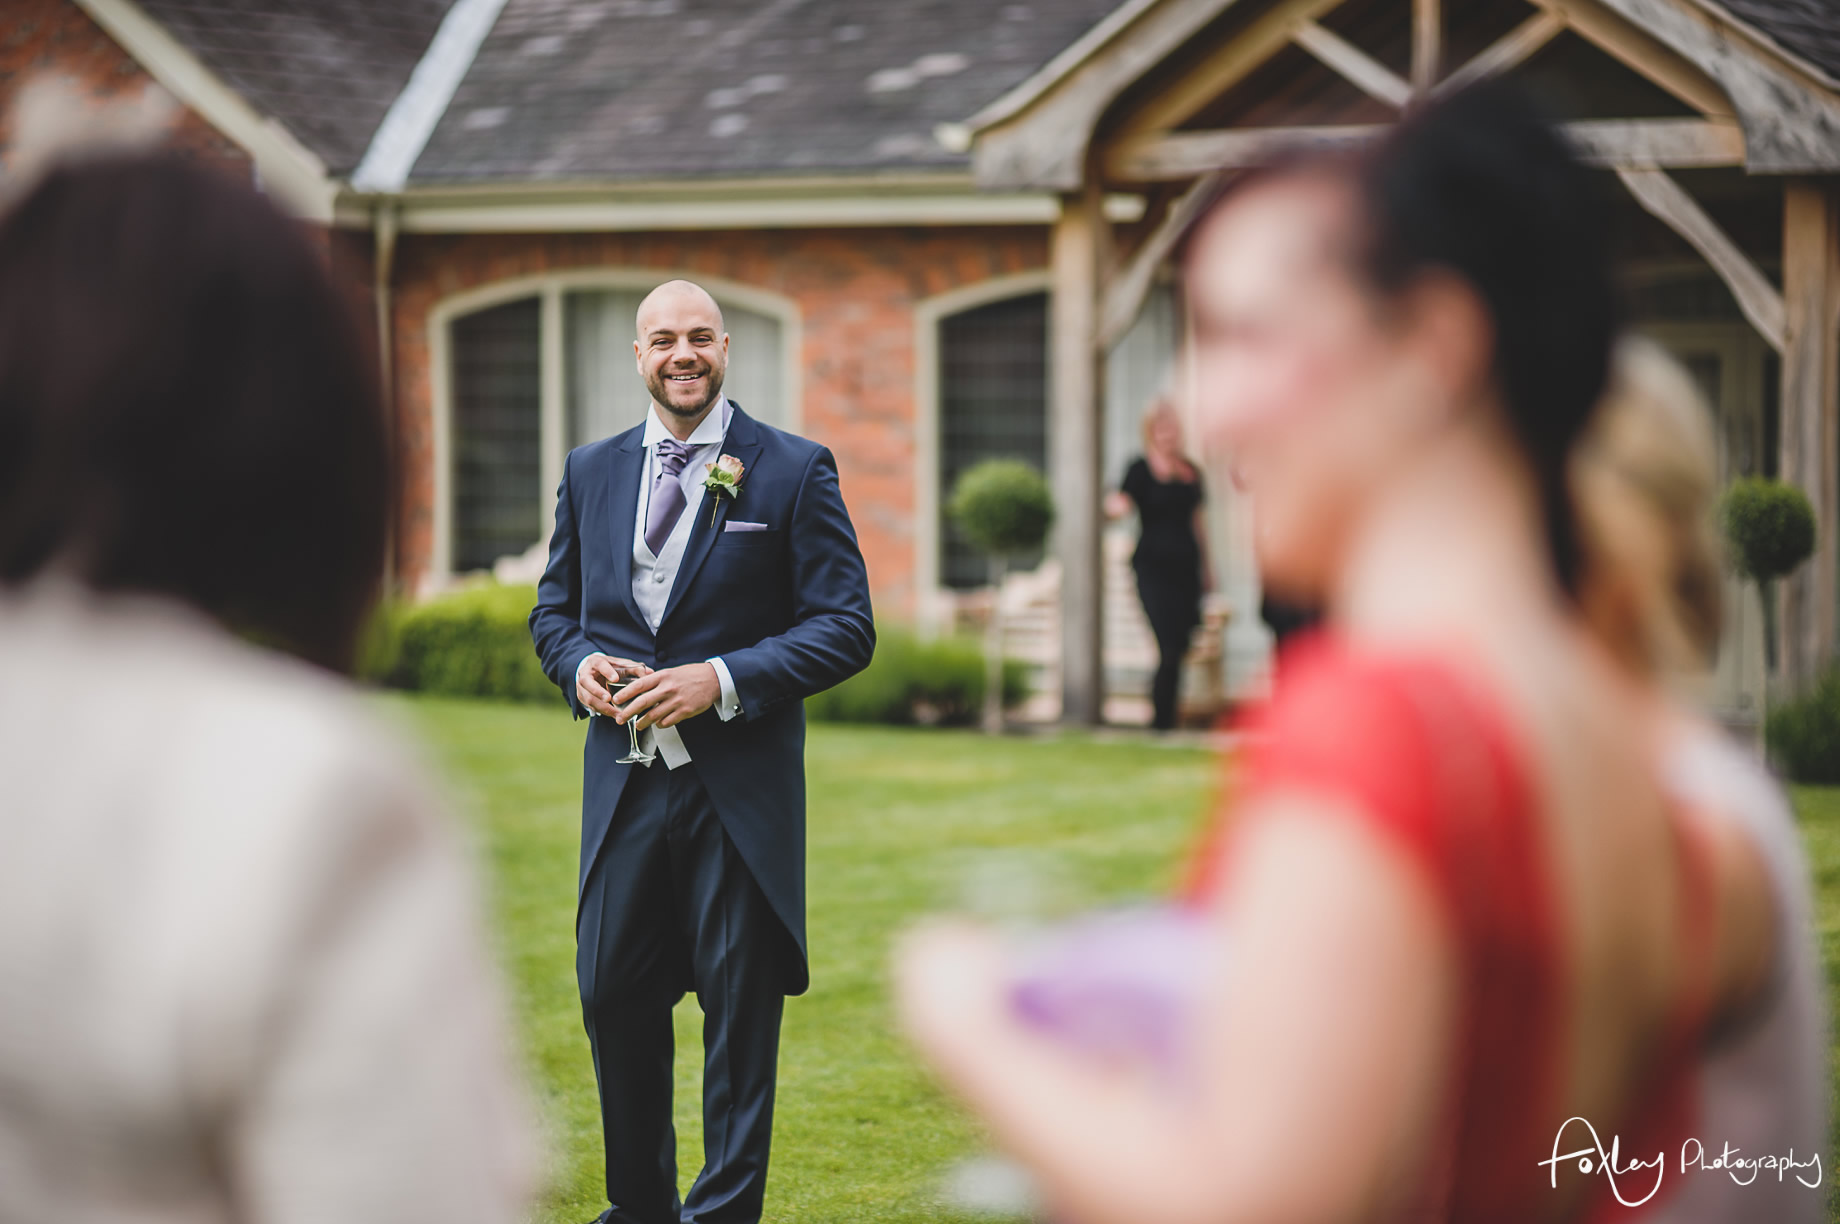 Simona-and-Robert-Wedding-at-Colshaw-Hall-083